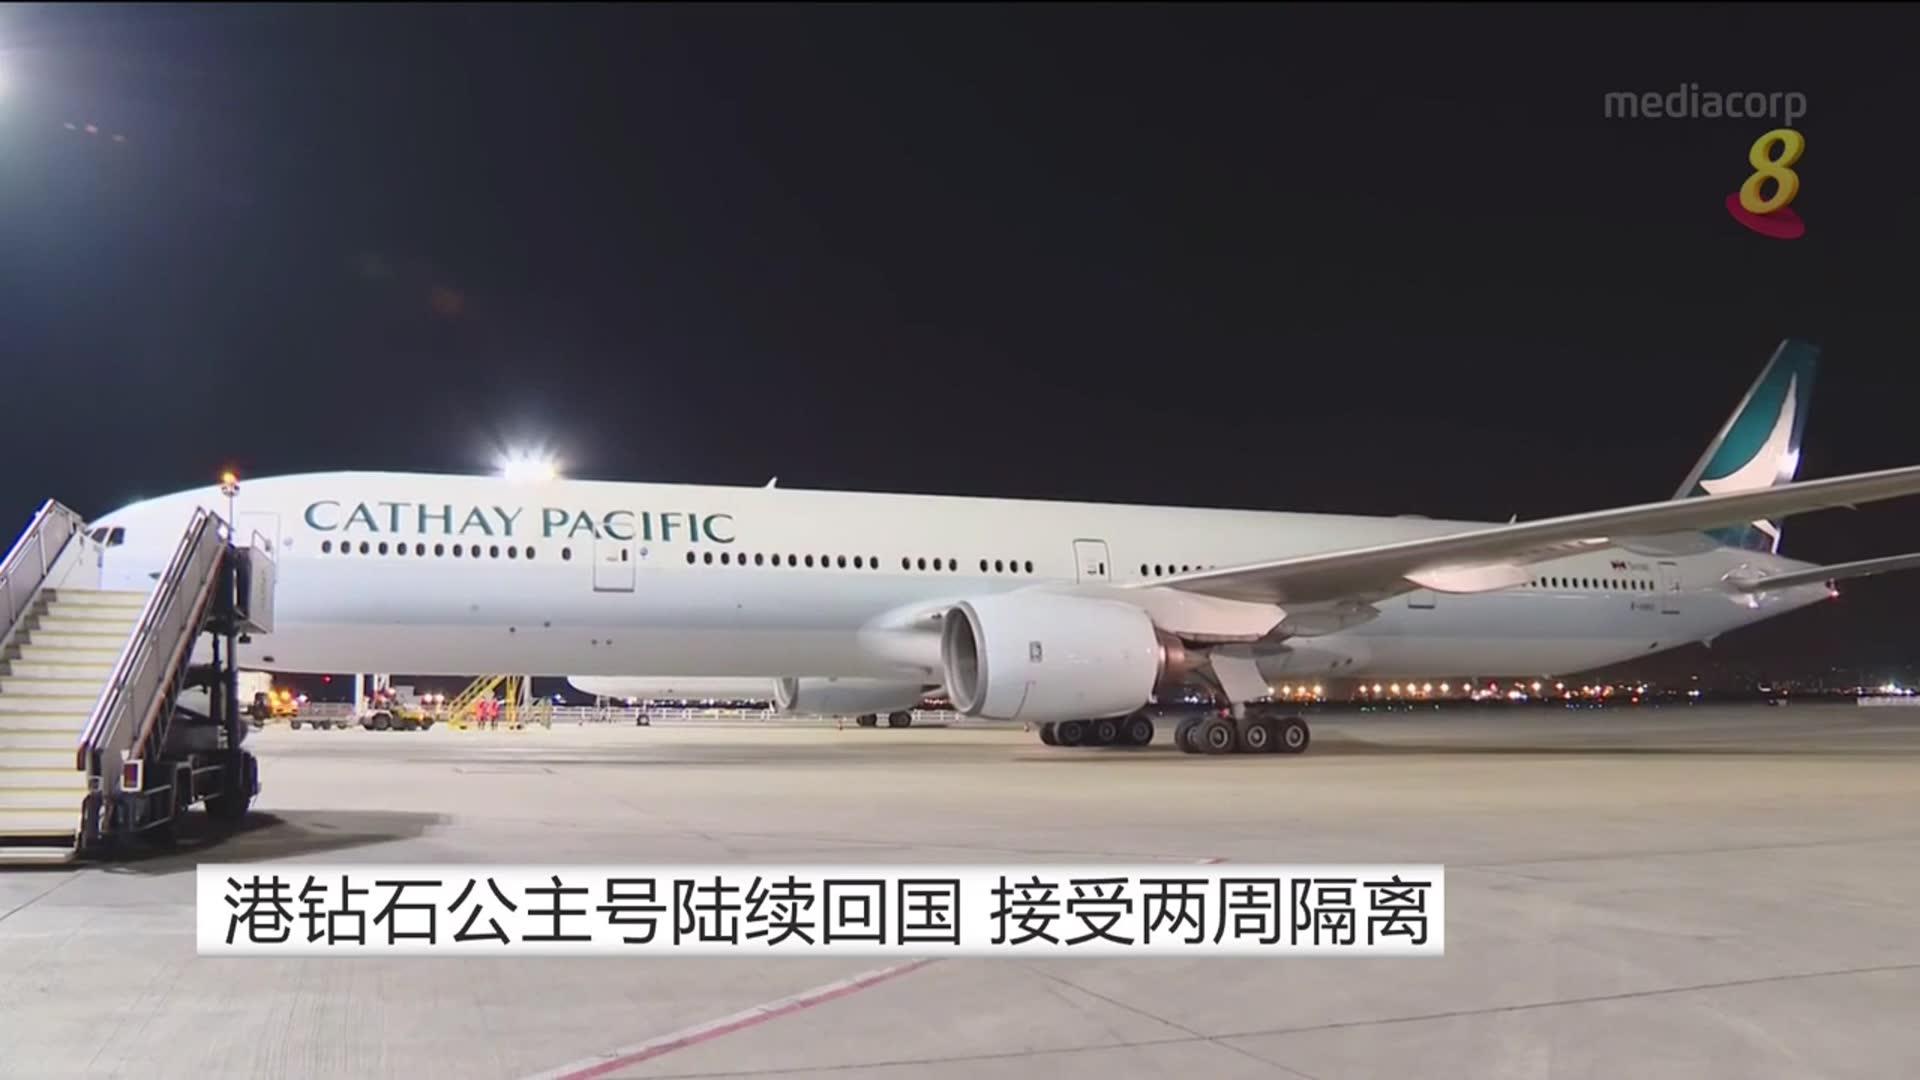 【冠状病毒19】钻石公主号乘客陆续回国 接受两周隔离